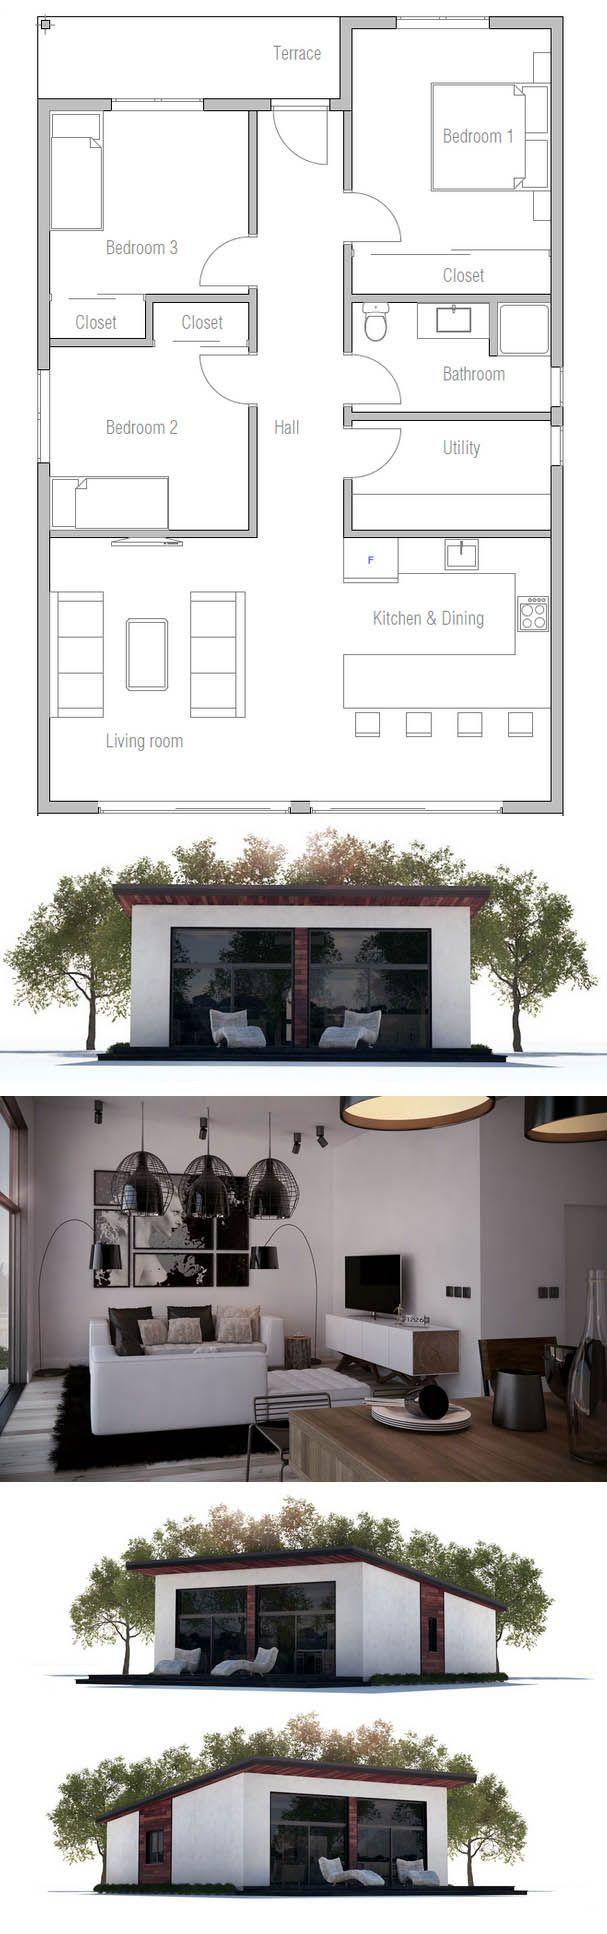 Pi di 25 fantastiche idee su planimetrie di case su for Progetti di townhouse e planimetrie